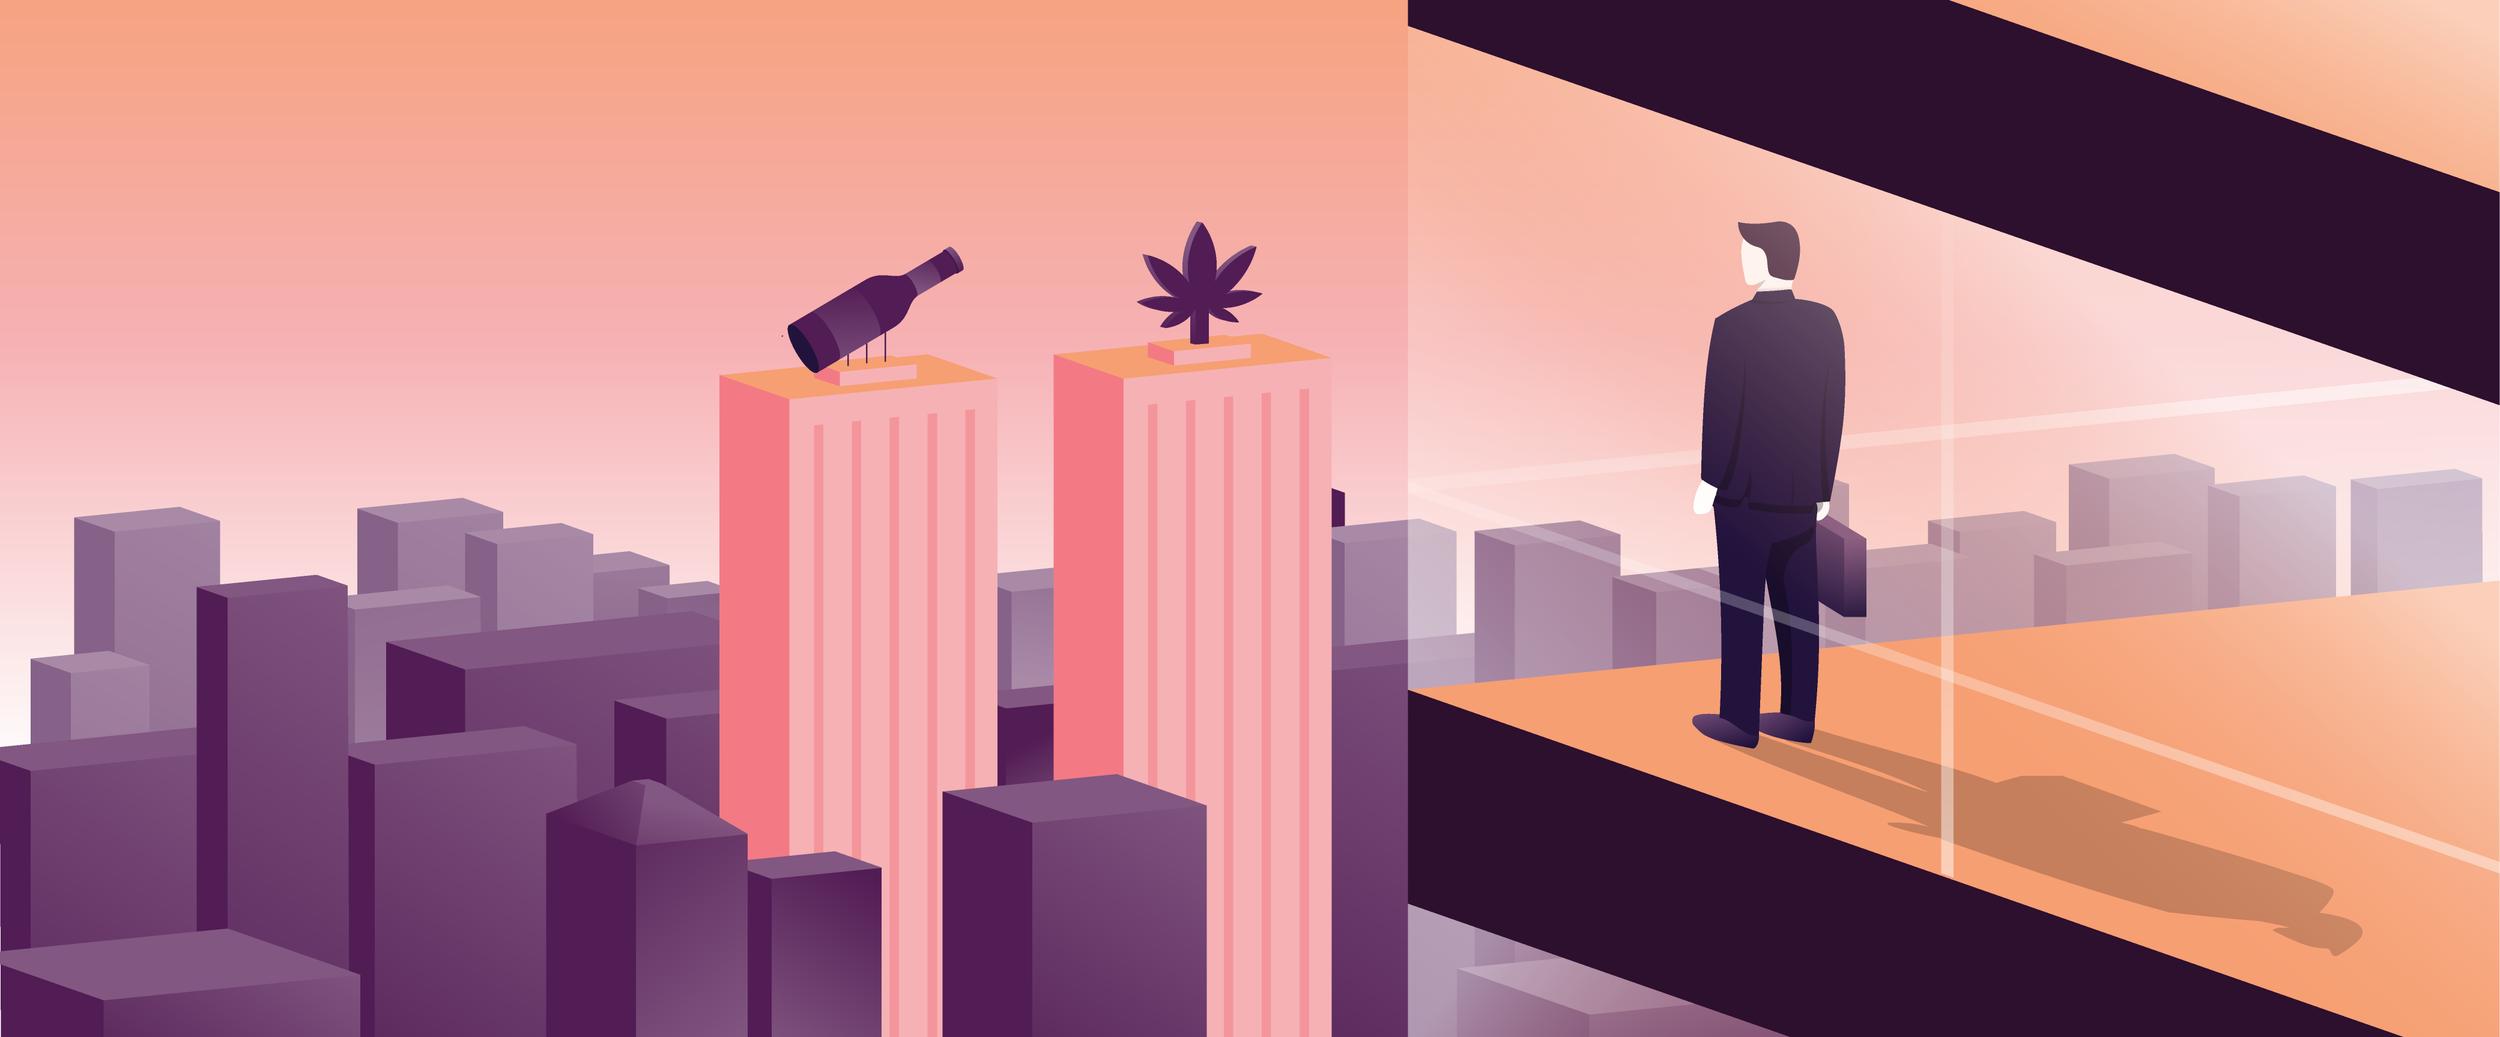 How The Marijuana Industry Is Influencing Big Beer.